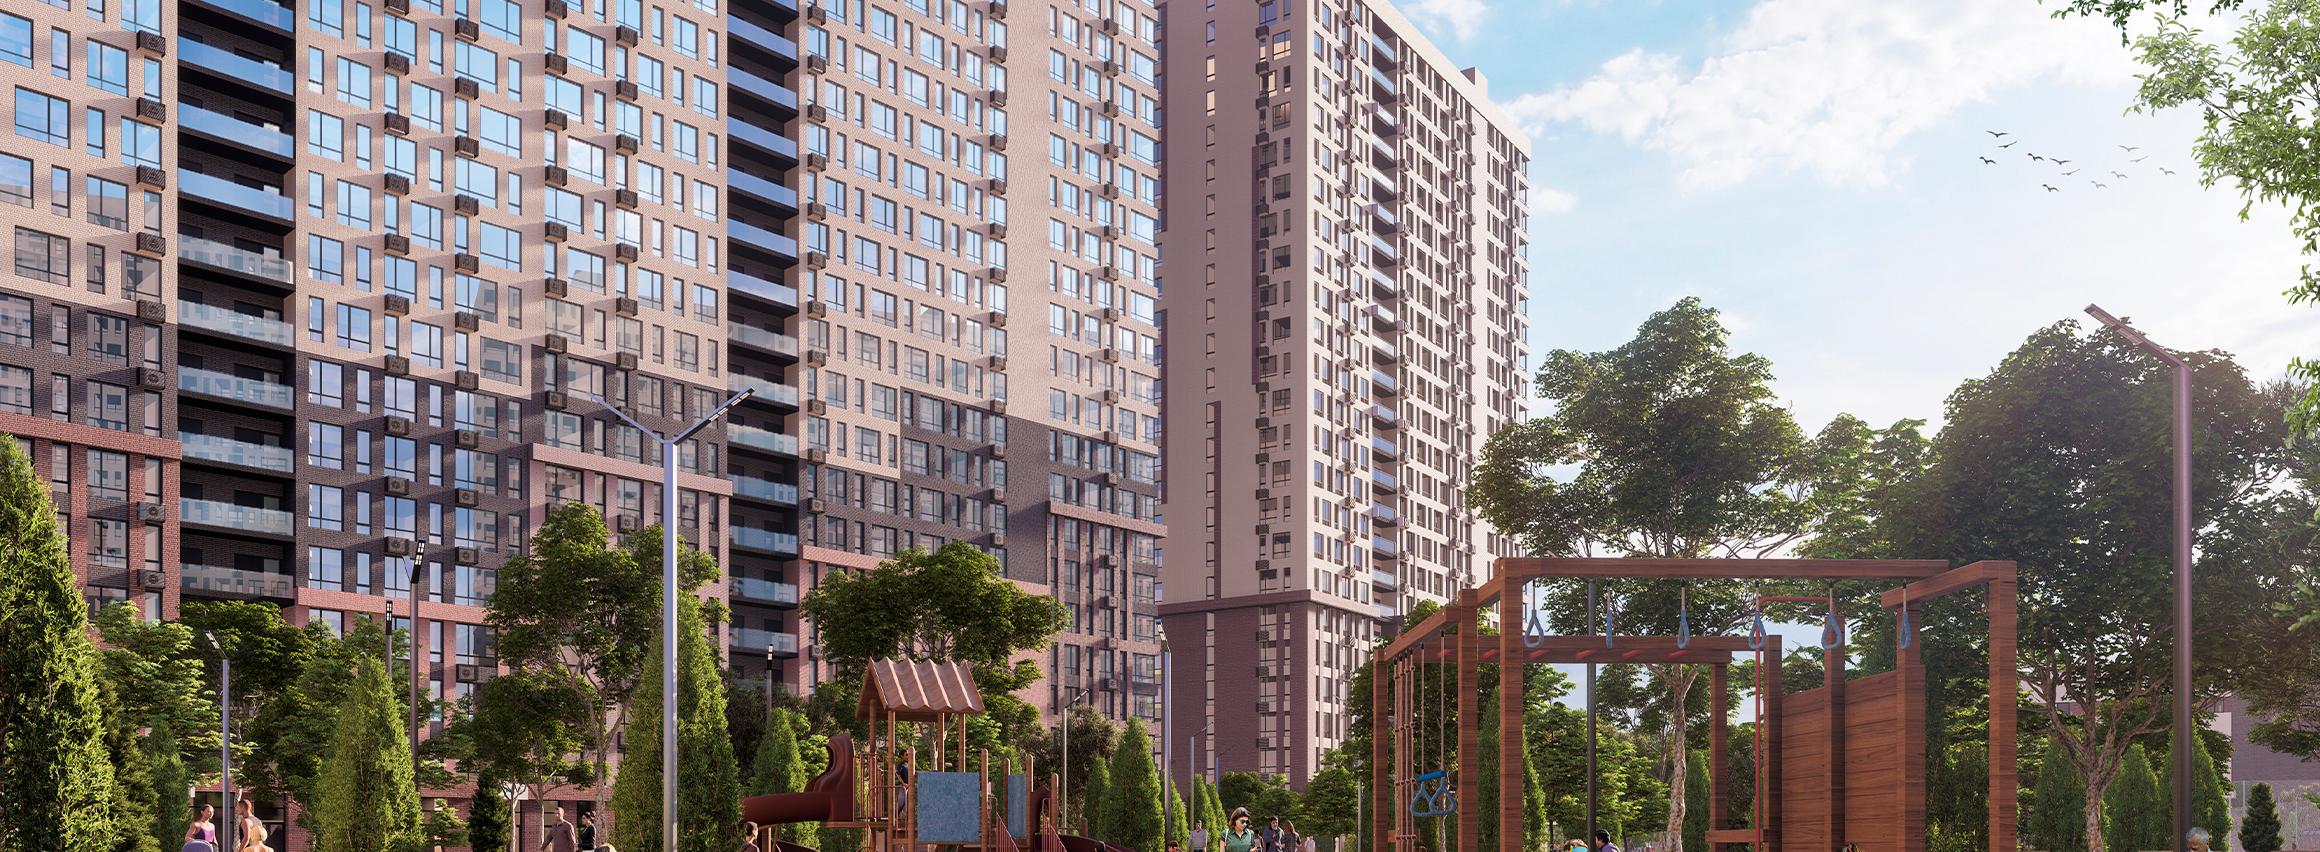 Видеоотчет хода строительства ЖК Star City в феврале 2021